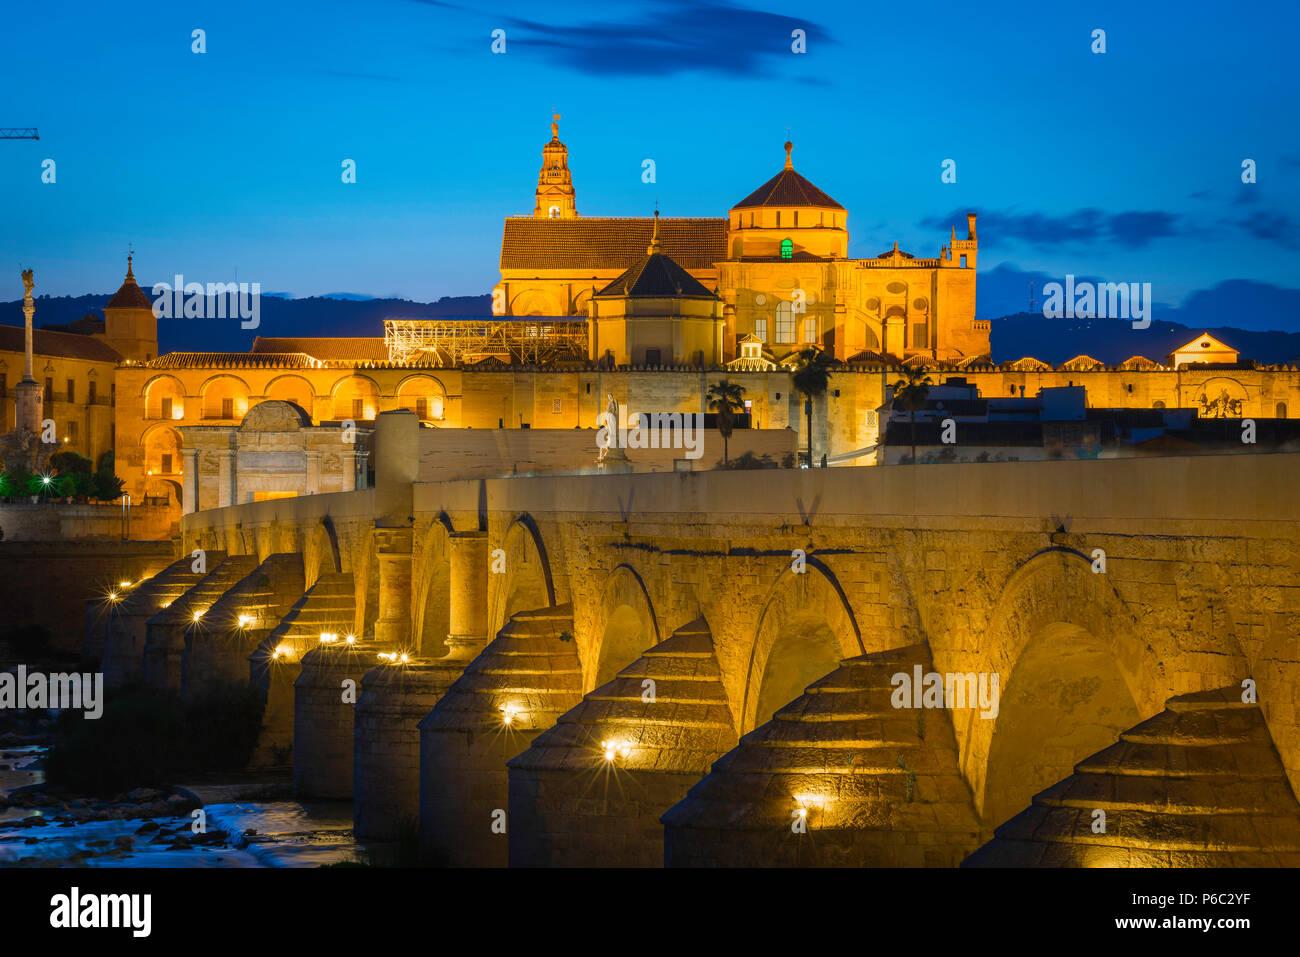 Cordoba Spanien, Blick in der Nacht über die Römische Brücke (Puente Romano) in Richtung der Kathedrale Moschee (Mezquita) in Cordoba, Andalusien, Spanien. Stockbild